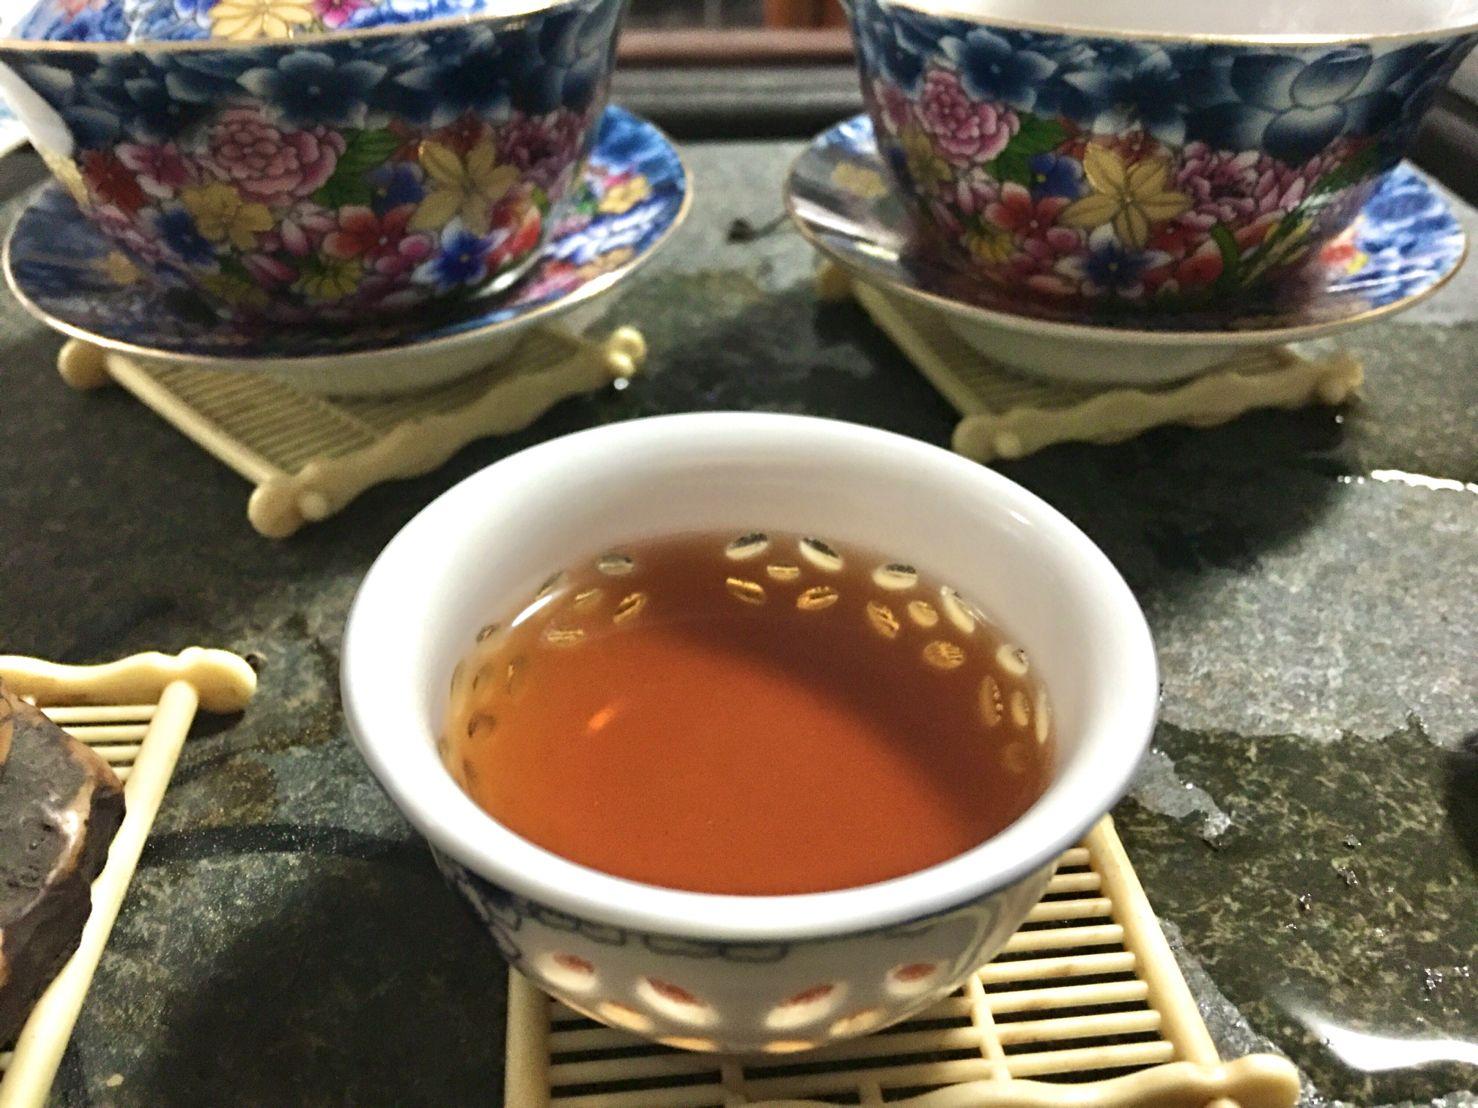 Shú Pū Sān Jī, 熟普三级, 3rd Grade Shu Pu'er Tea